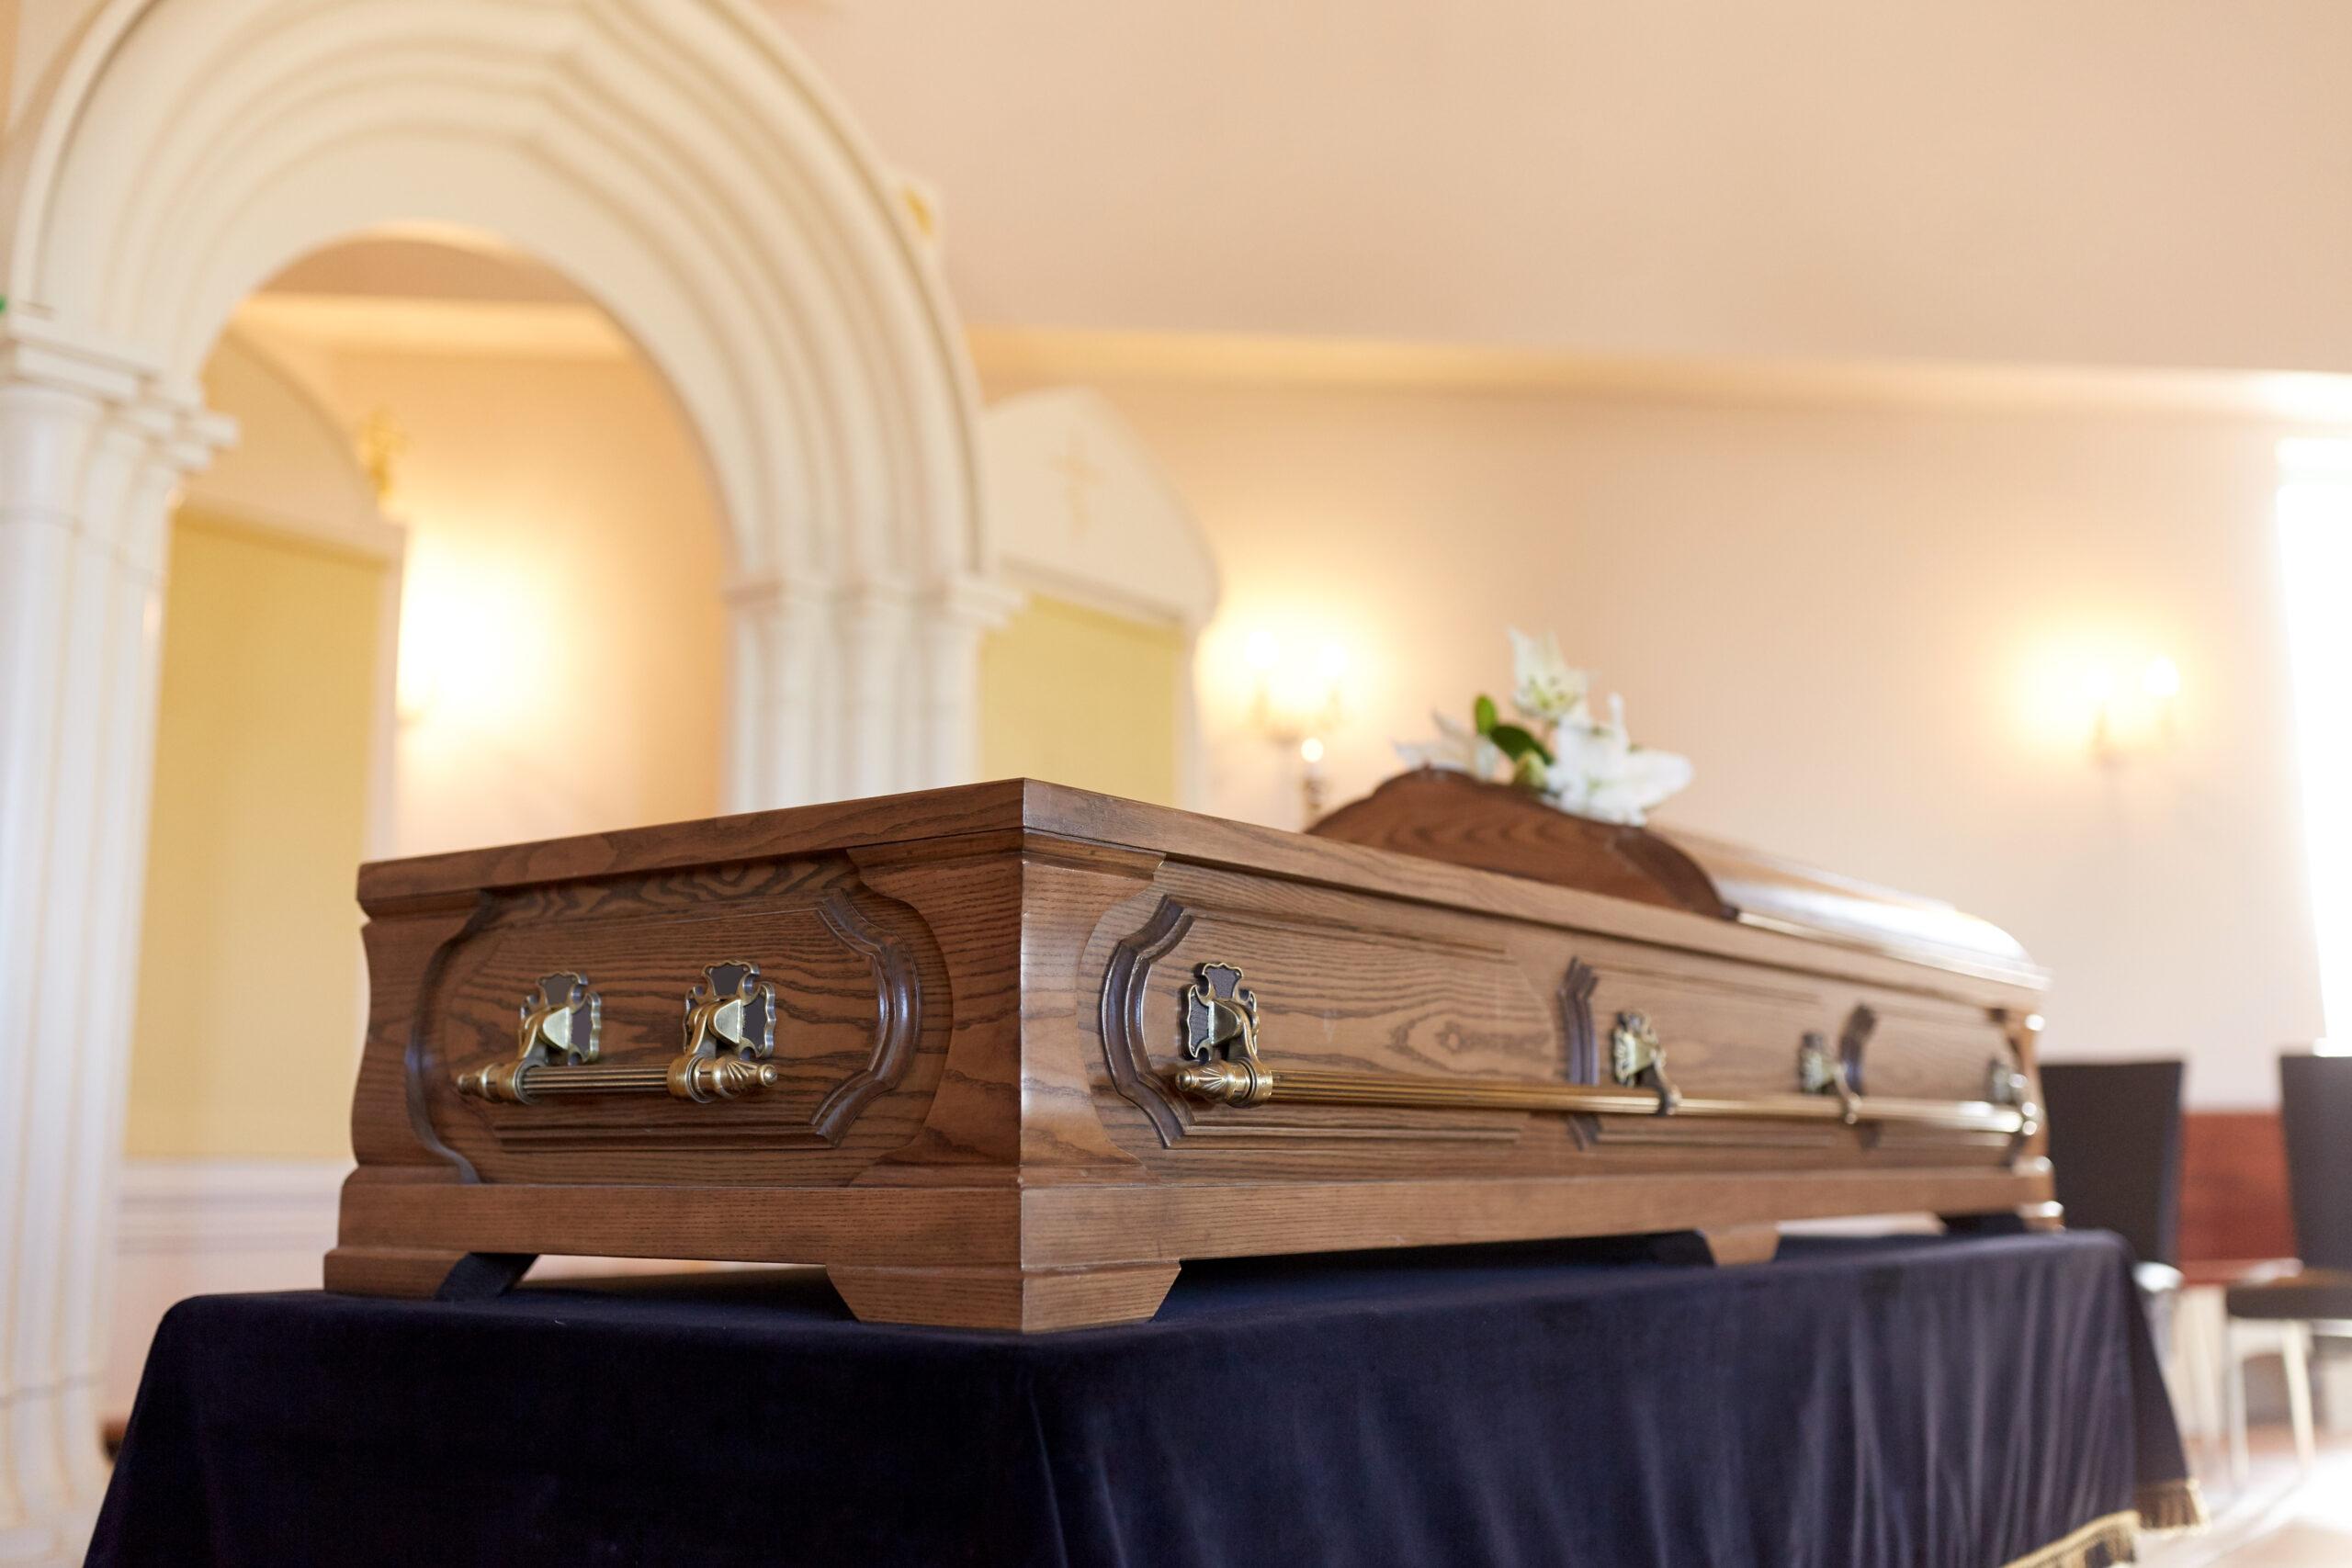 Death & taxes, de enige 2 zekerheden in het leven